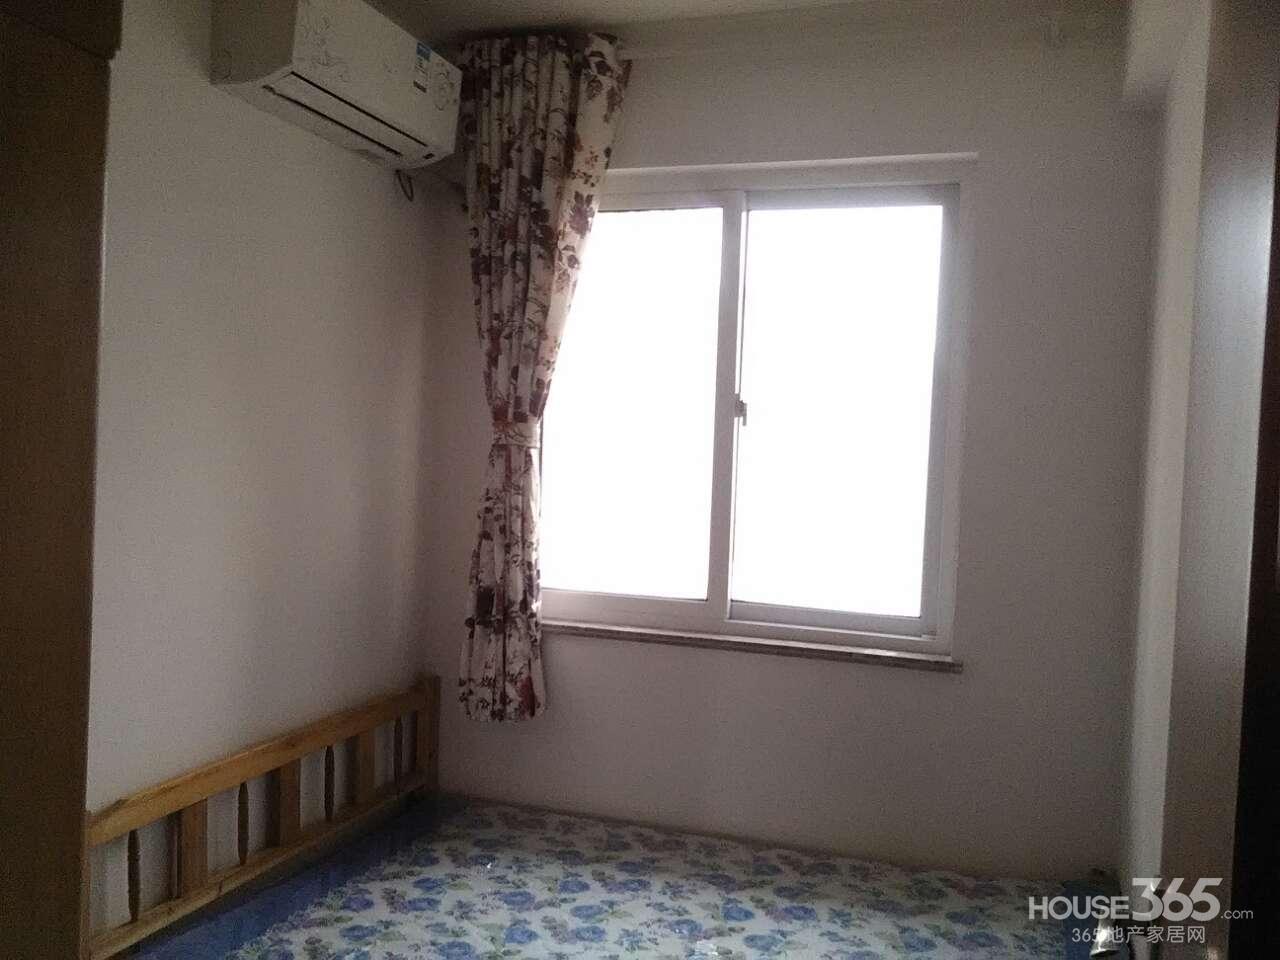 江心洲 洲岛家园精装两室